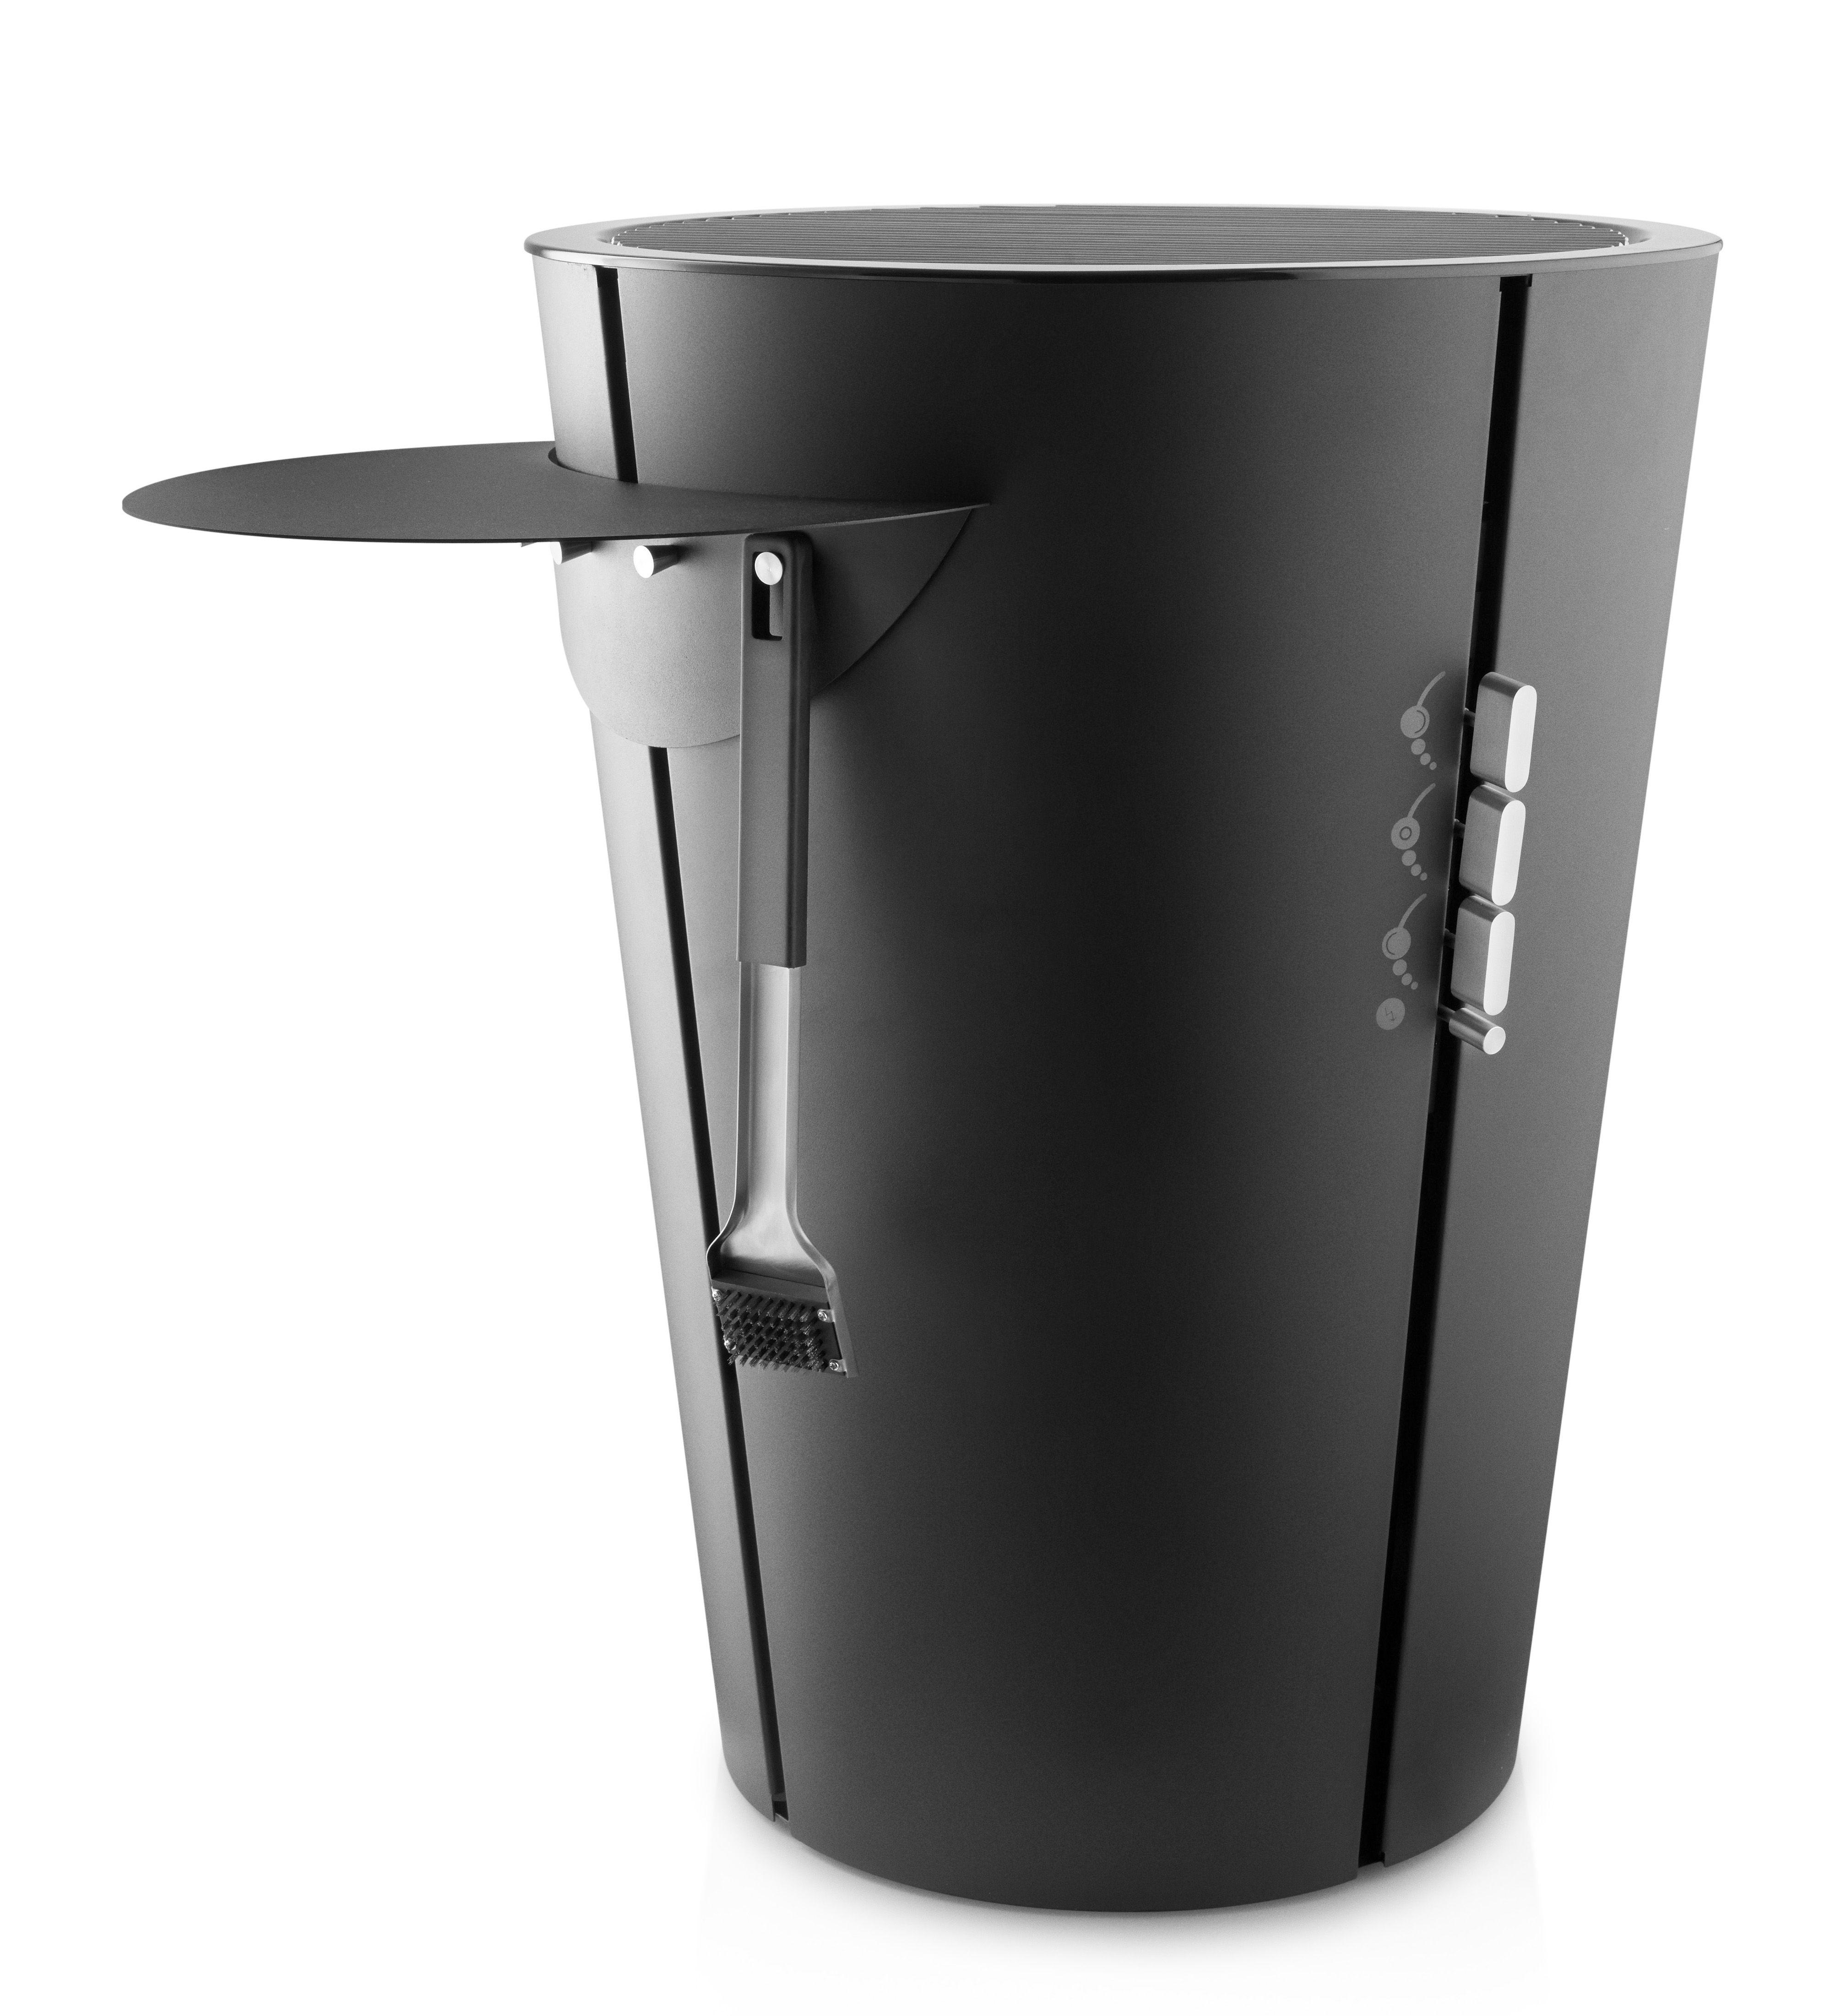 abnehmbar f r grill eva solo 59 cm eva solo tablett. Black Bedroom Furniture Sets. Home Design Ideas